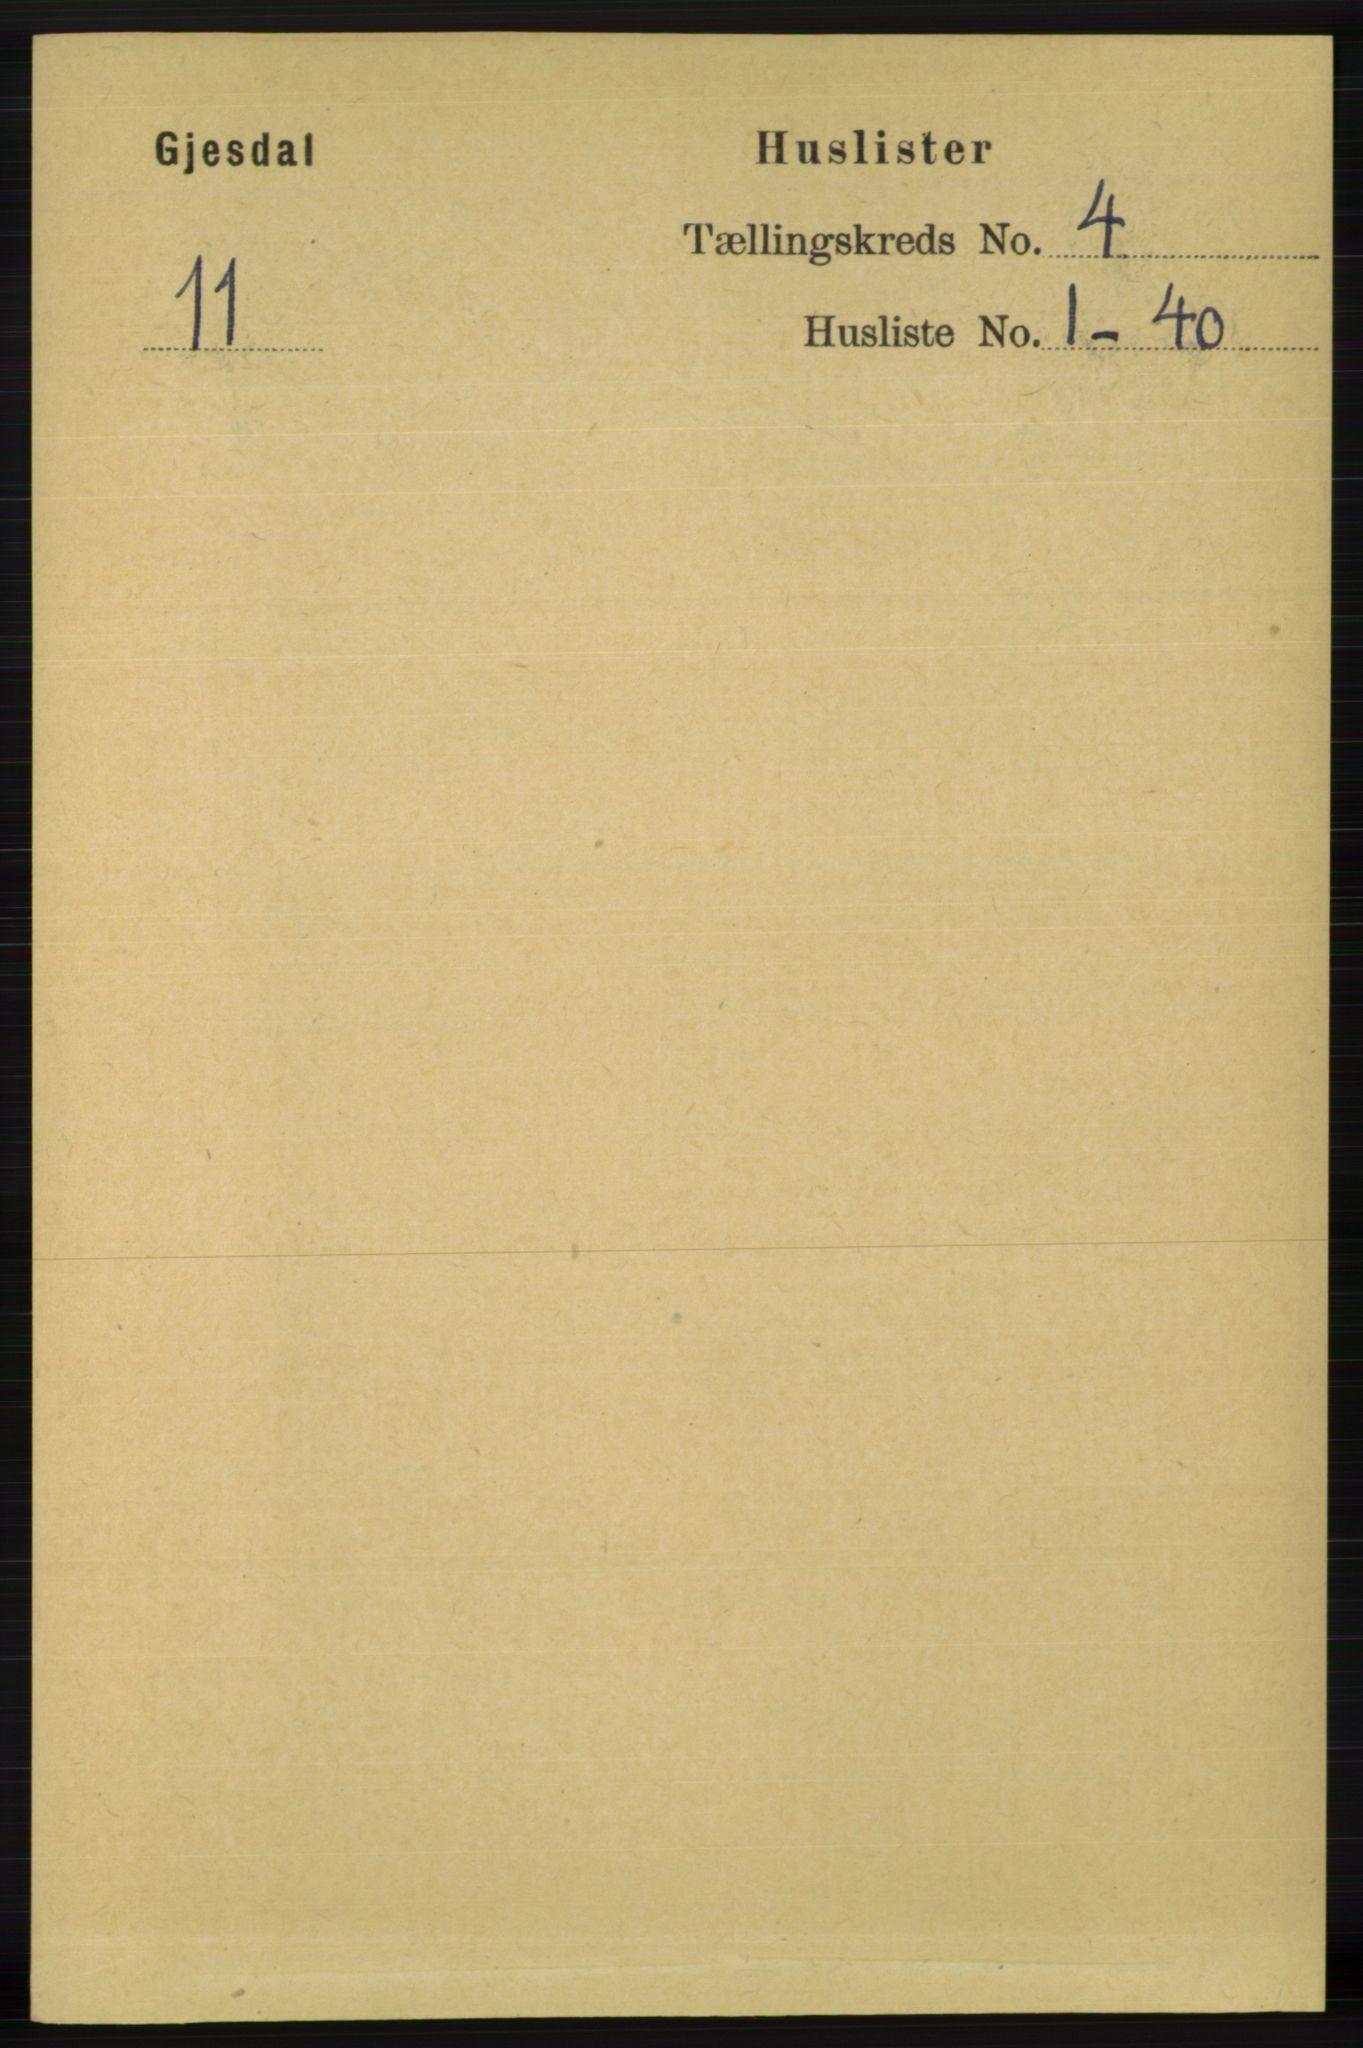 RA, Folketelling 1891 for 1122 Gjesdal herred, 1891, s. 1139